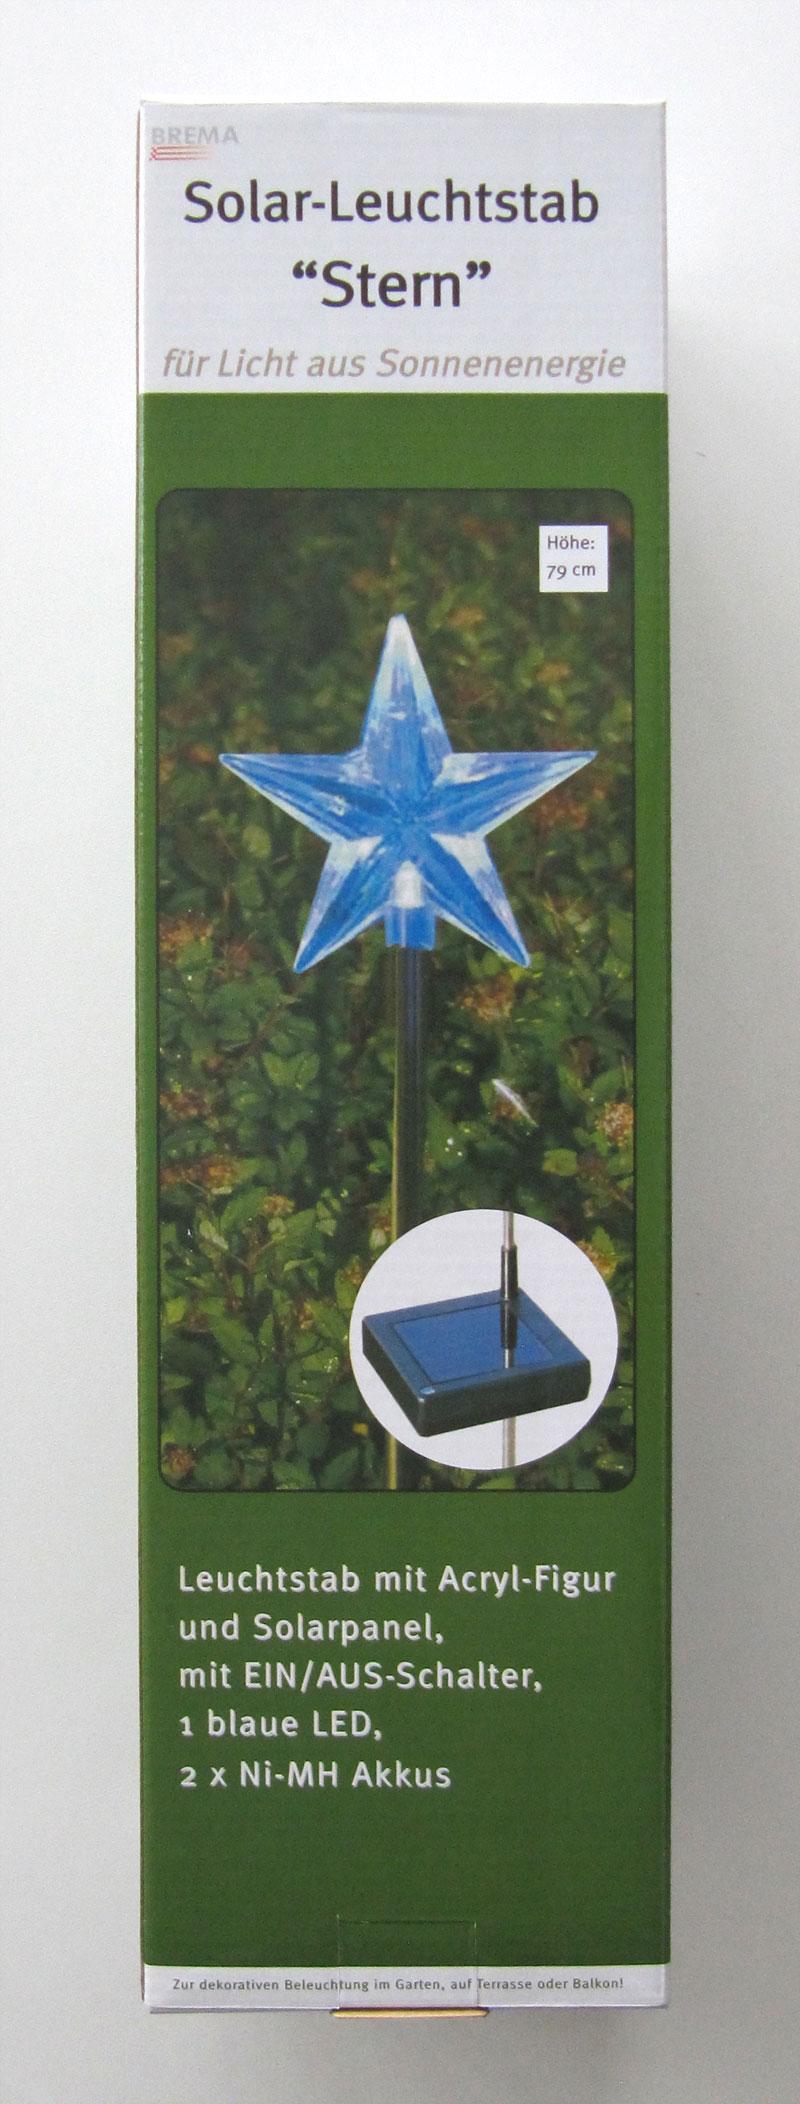 LED Solar Leuchtstab / Gartenstecker Stern 79cm Bild 1